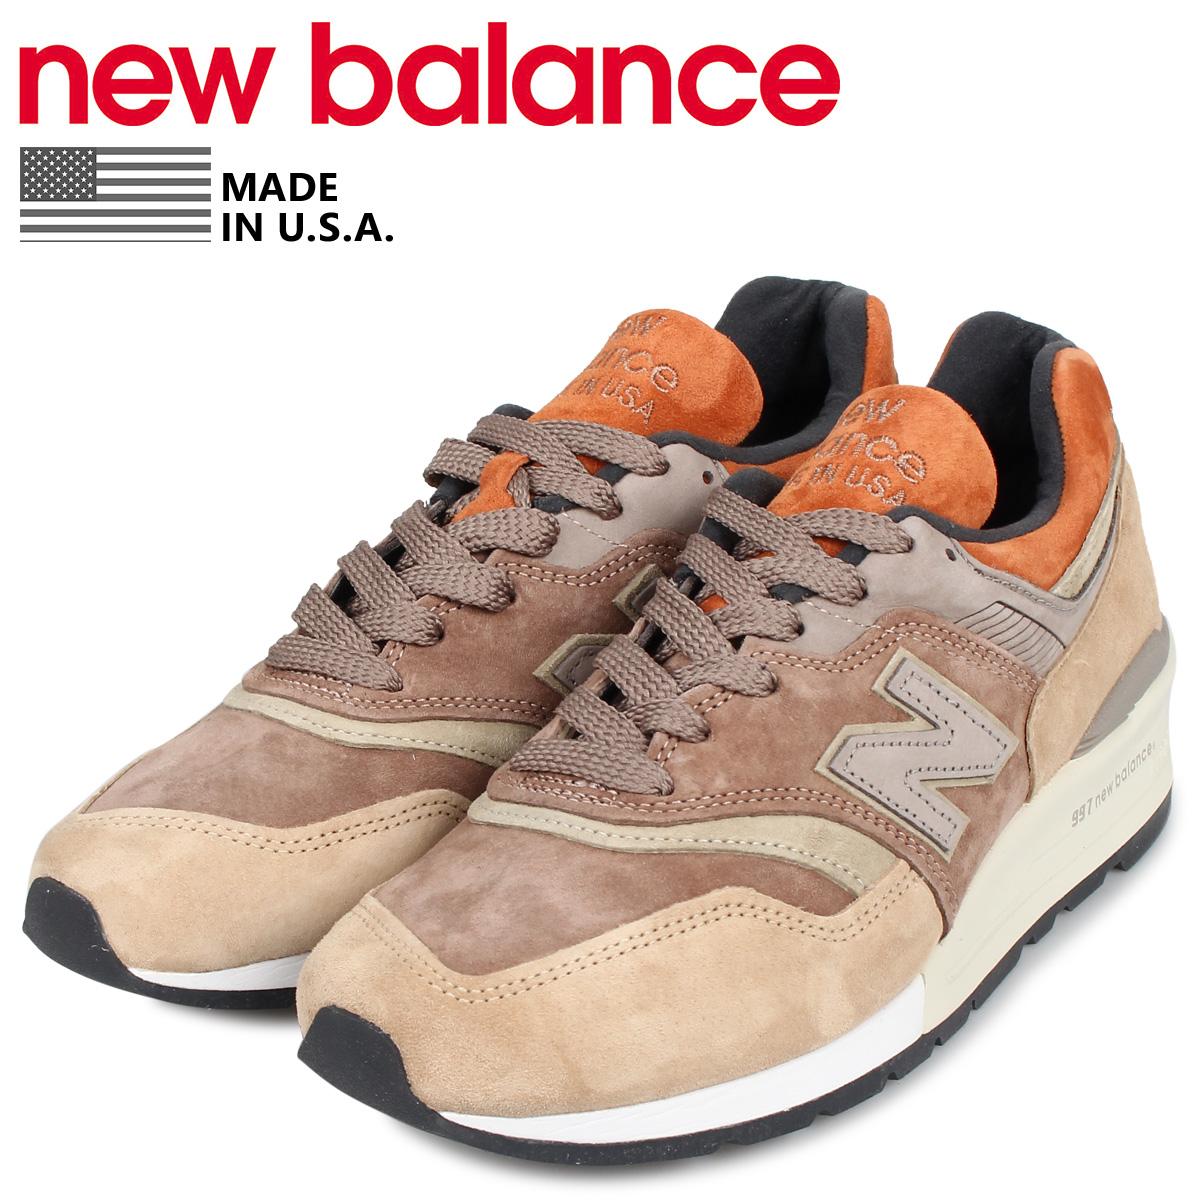 new balance ニューバランス 997 スニーカー メンズ ワイズ:D ブラウン M997NAJ